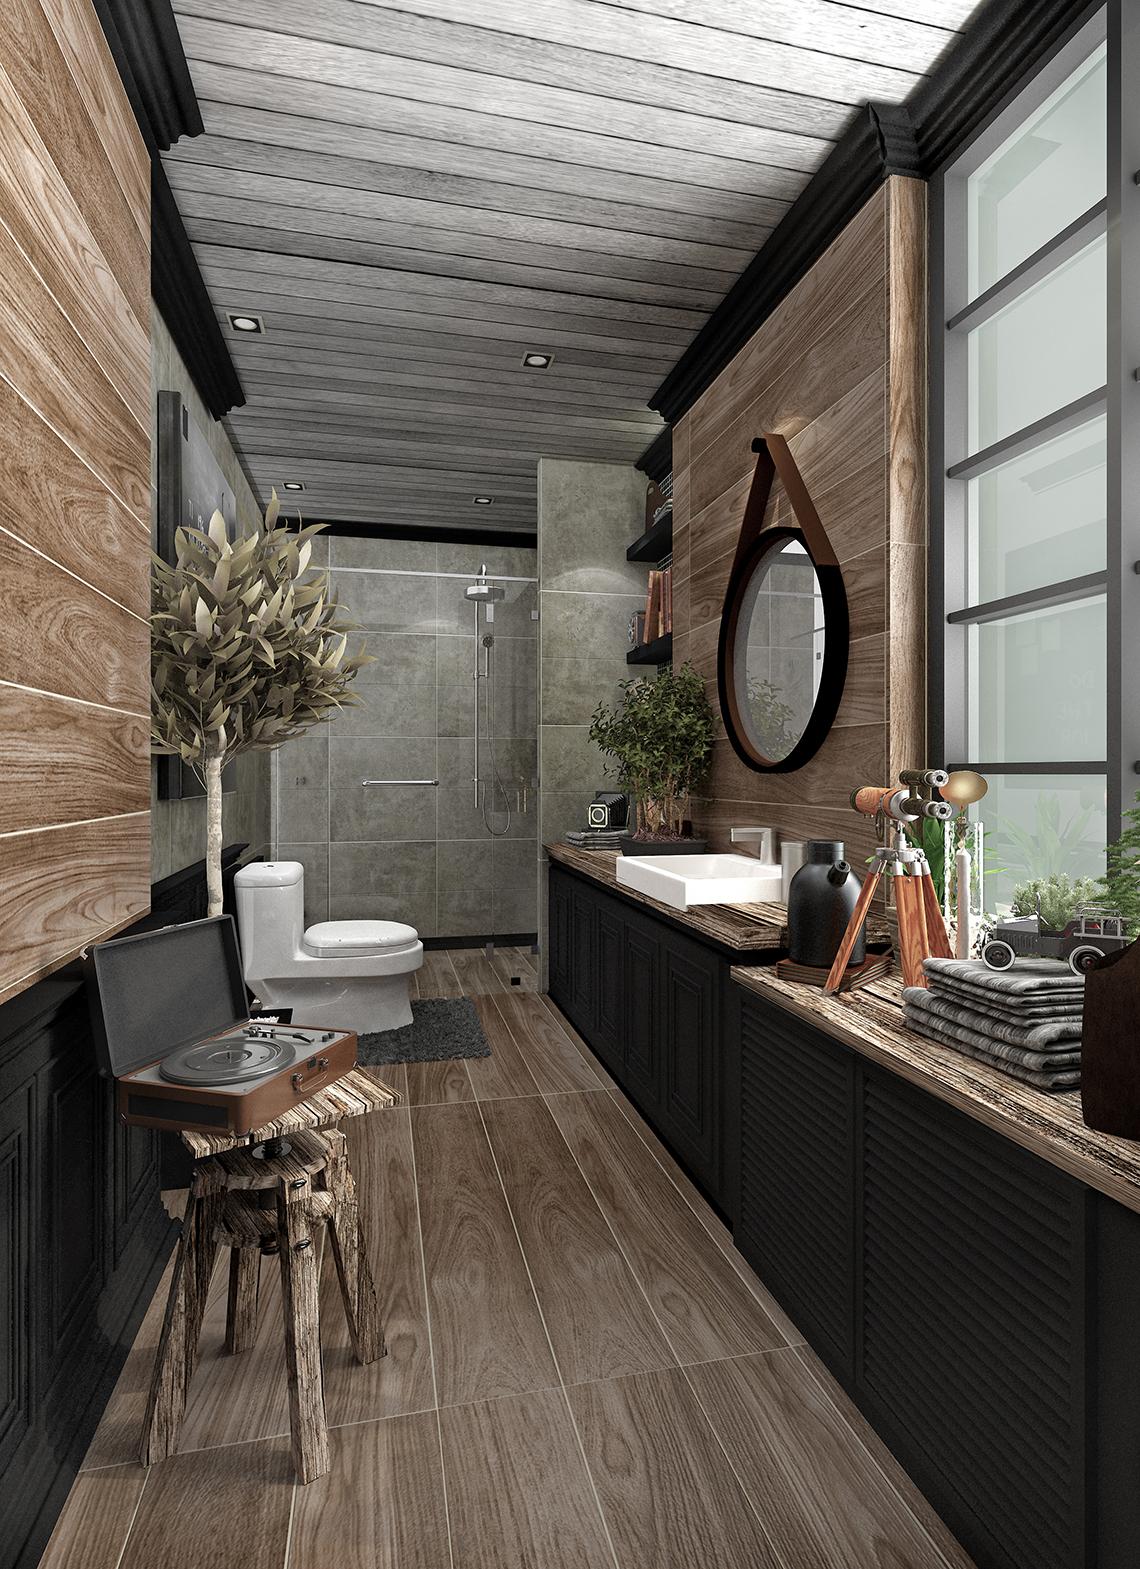 แบบห้องน้ำ สไตล์ลอฟท์ ให้ความรู้สึก Vintage เล็กๆ ด้วยกระเบื้องลายไม้สีน้ำตาล